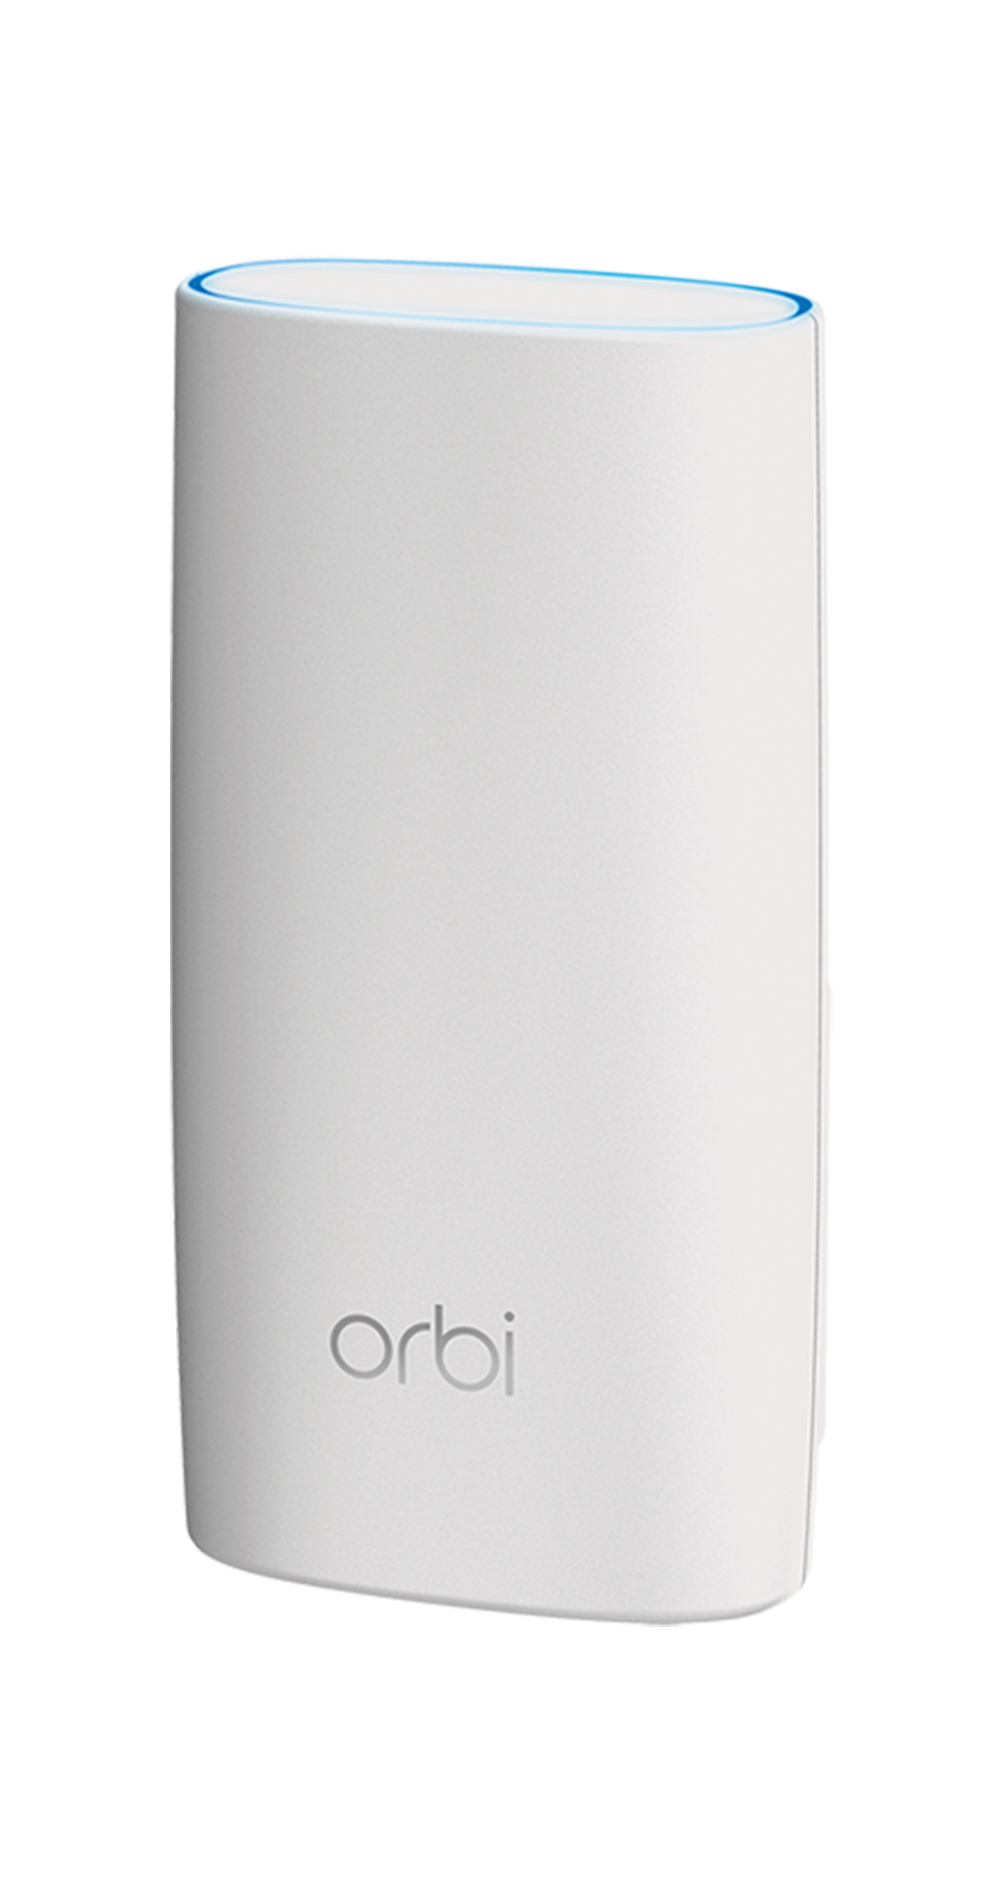 Netgear RBW30-100AUS Orbi Wireless AC2200 WiFi System (Wall Plug Extender  Only)